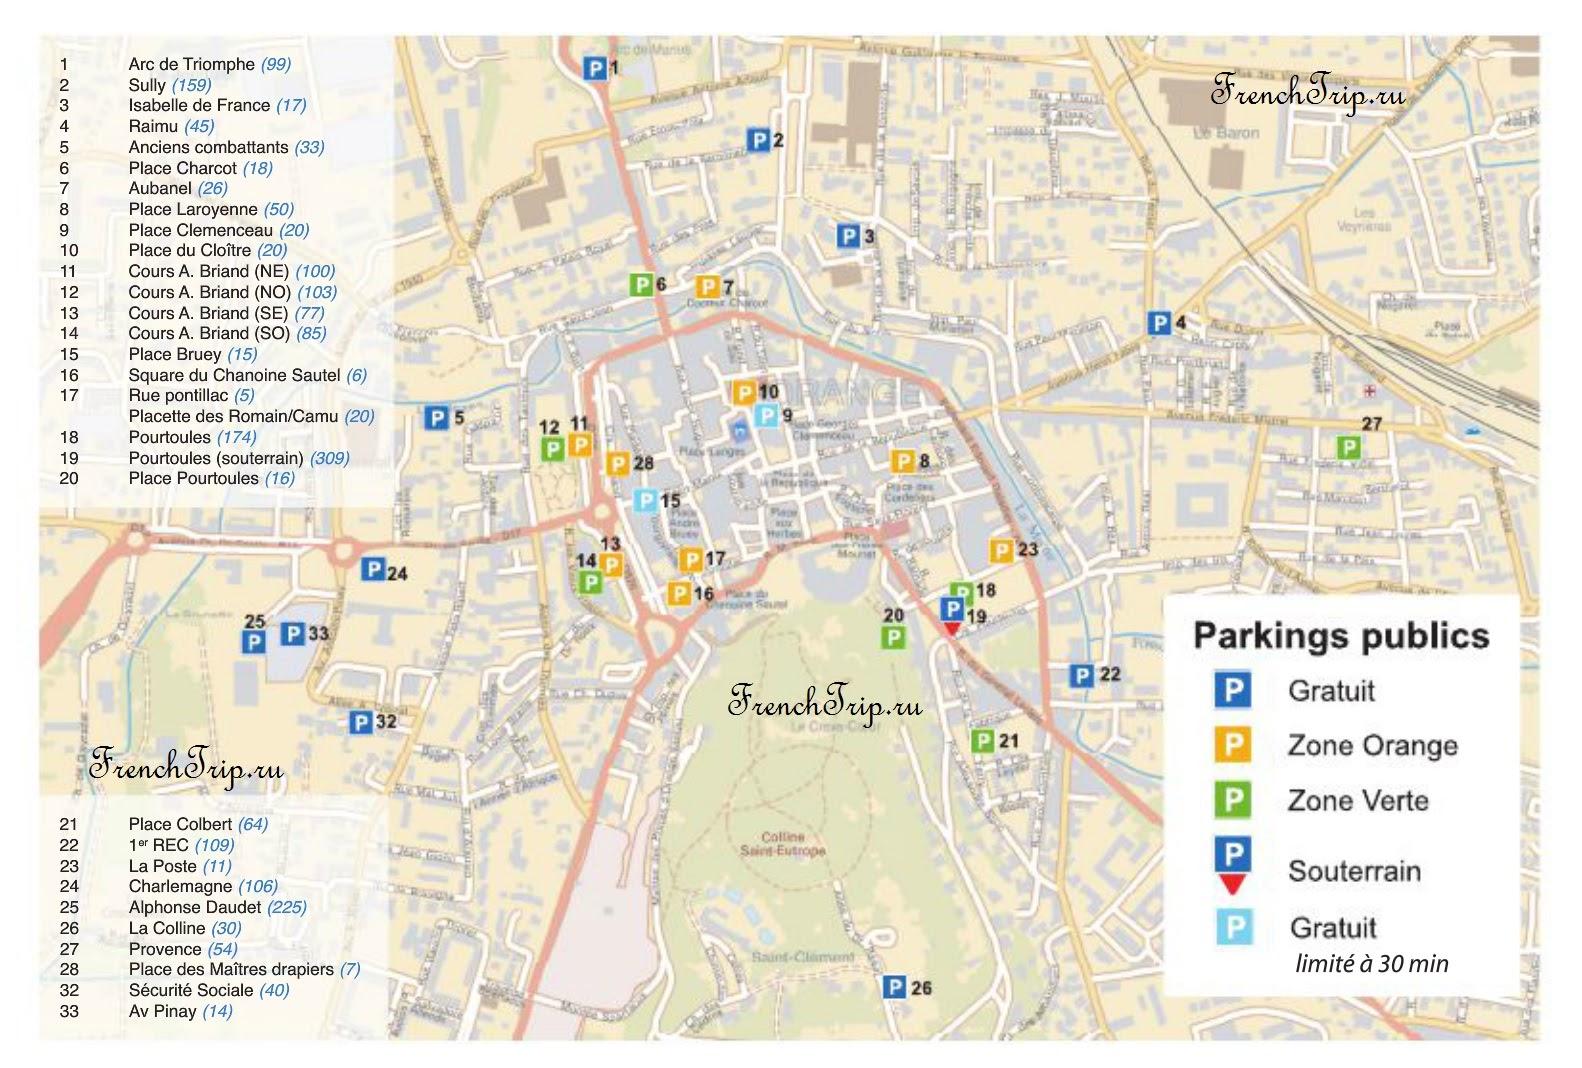 Парковки в Оранже, карта с парковками в Оранже, бесплатные и платные парковки, парковки в Оранже недорого, бесплатные парковки в Оранже, где припарковаться в Оранже, транспорт Оранжа, в Оранж на машине, в Прованс на машине, парковки в Провансе, как обстоят дела с парковками в Провансе, бесплатные парковки в Провансе, путеводитель по Провансу, путеводитель по Франции, во францию на машине, парковки во Франции